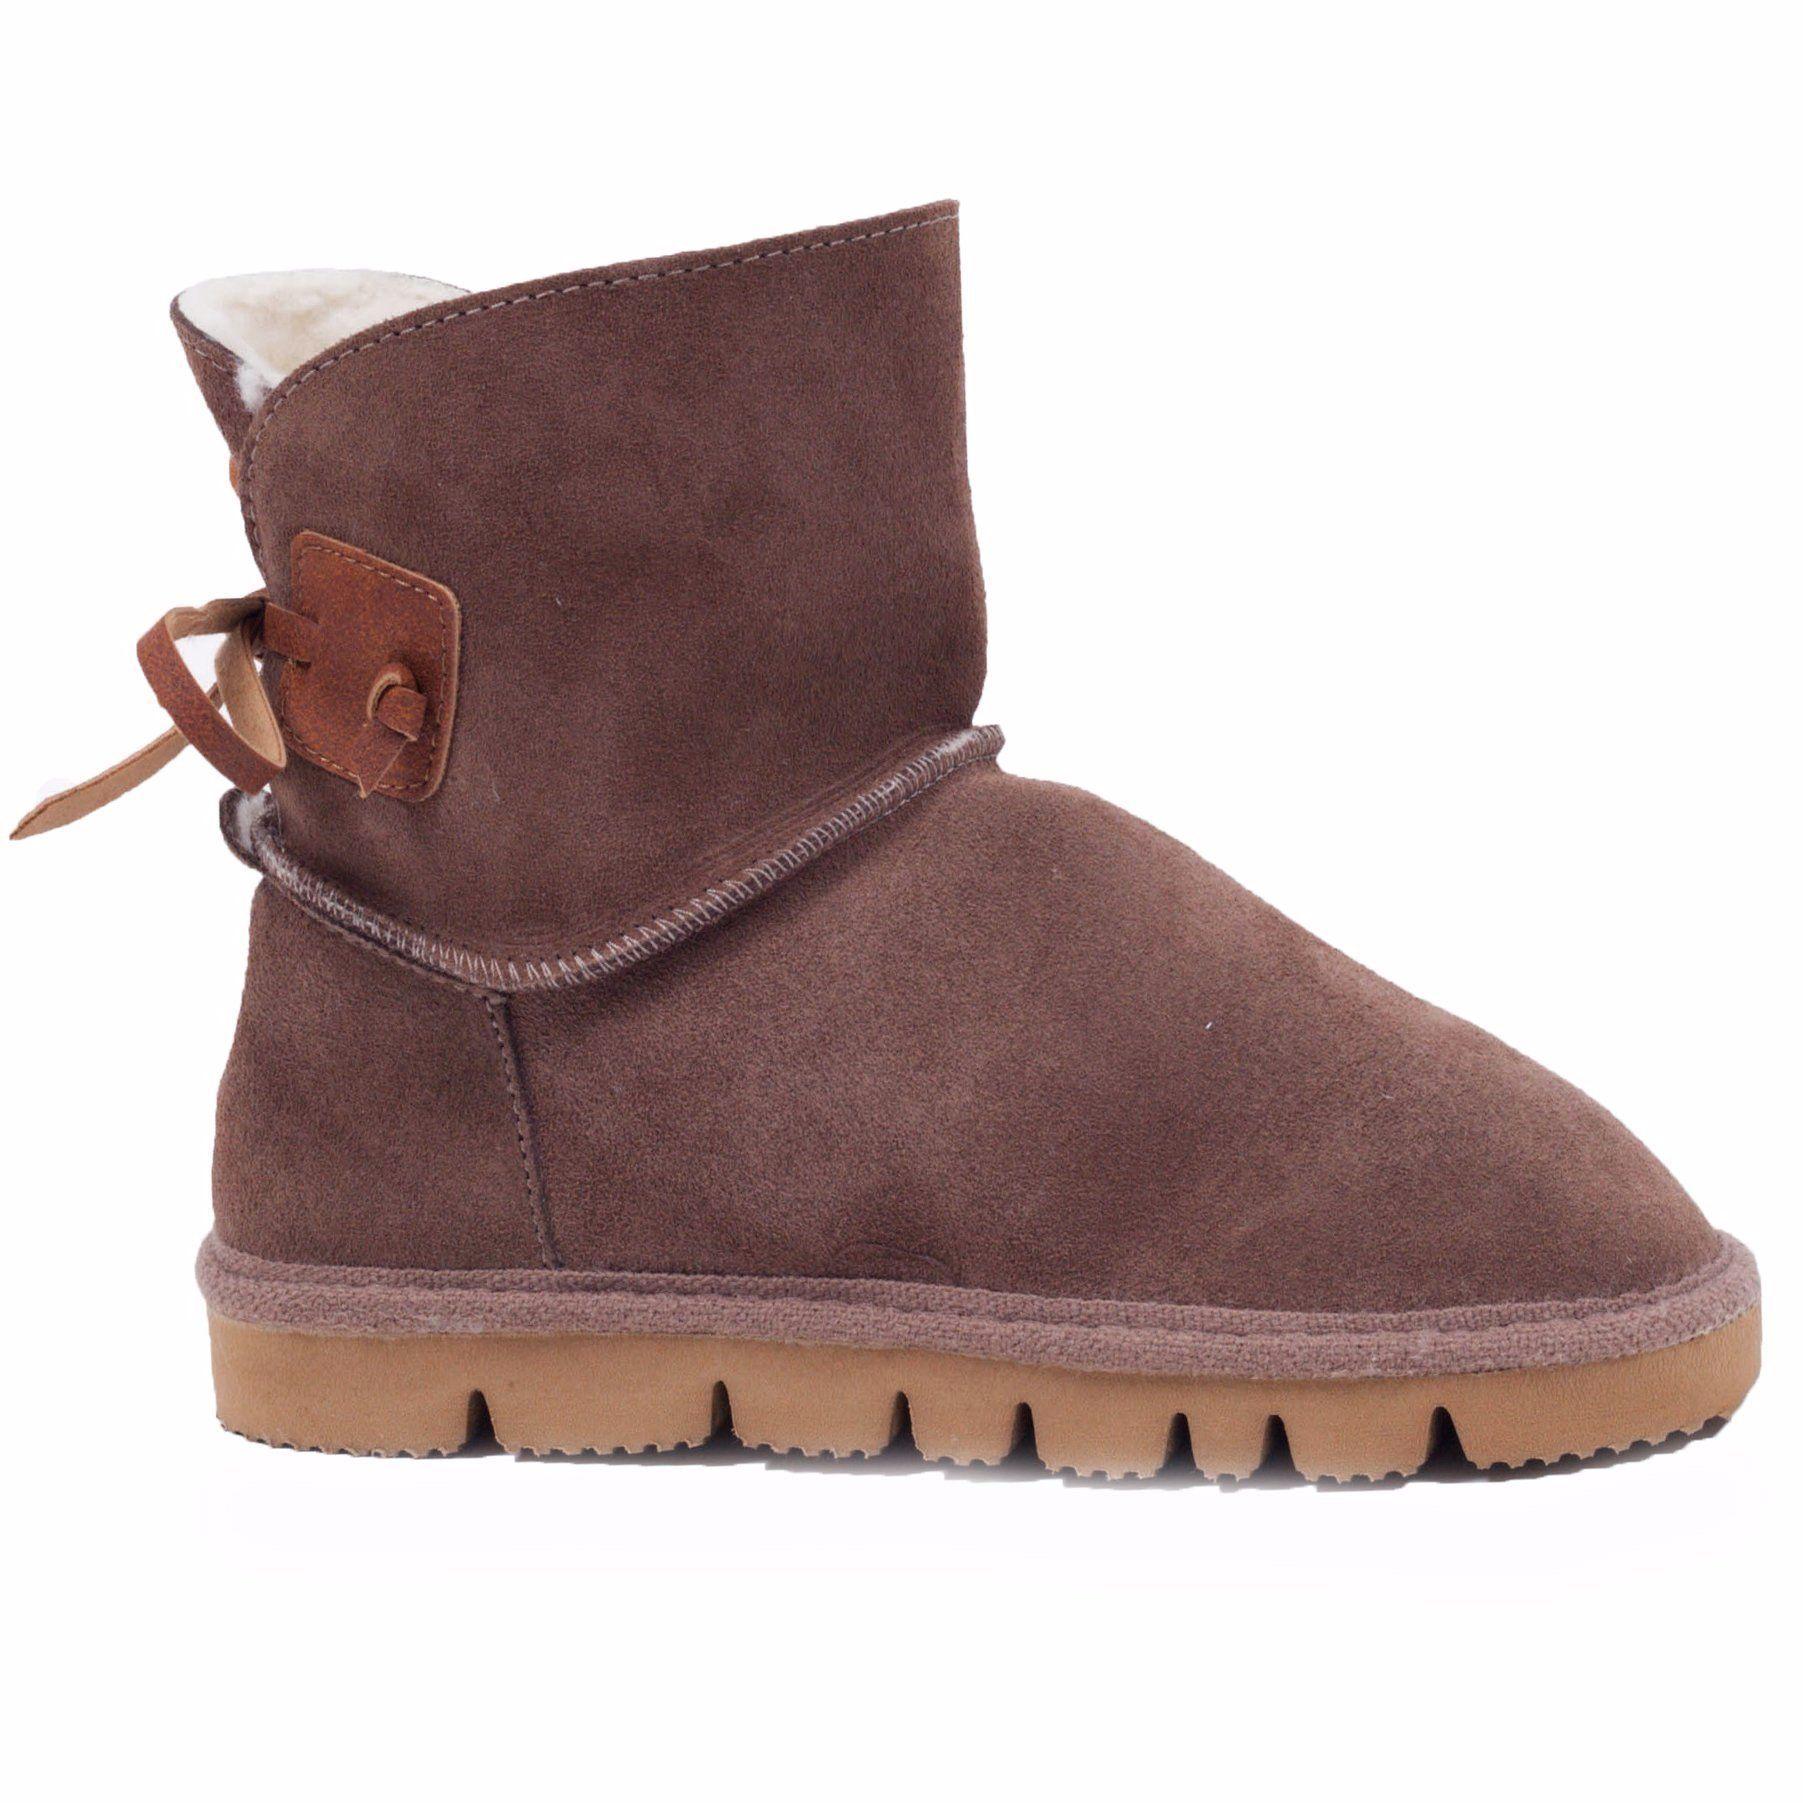 1db30d55d43 ¡Consigue este tipo de botas clásicas de MiMaO ahora! Haz clic para ver los